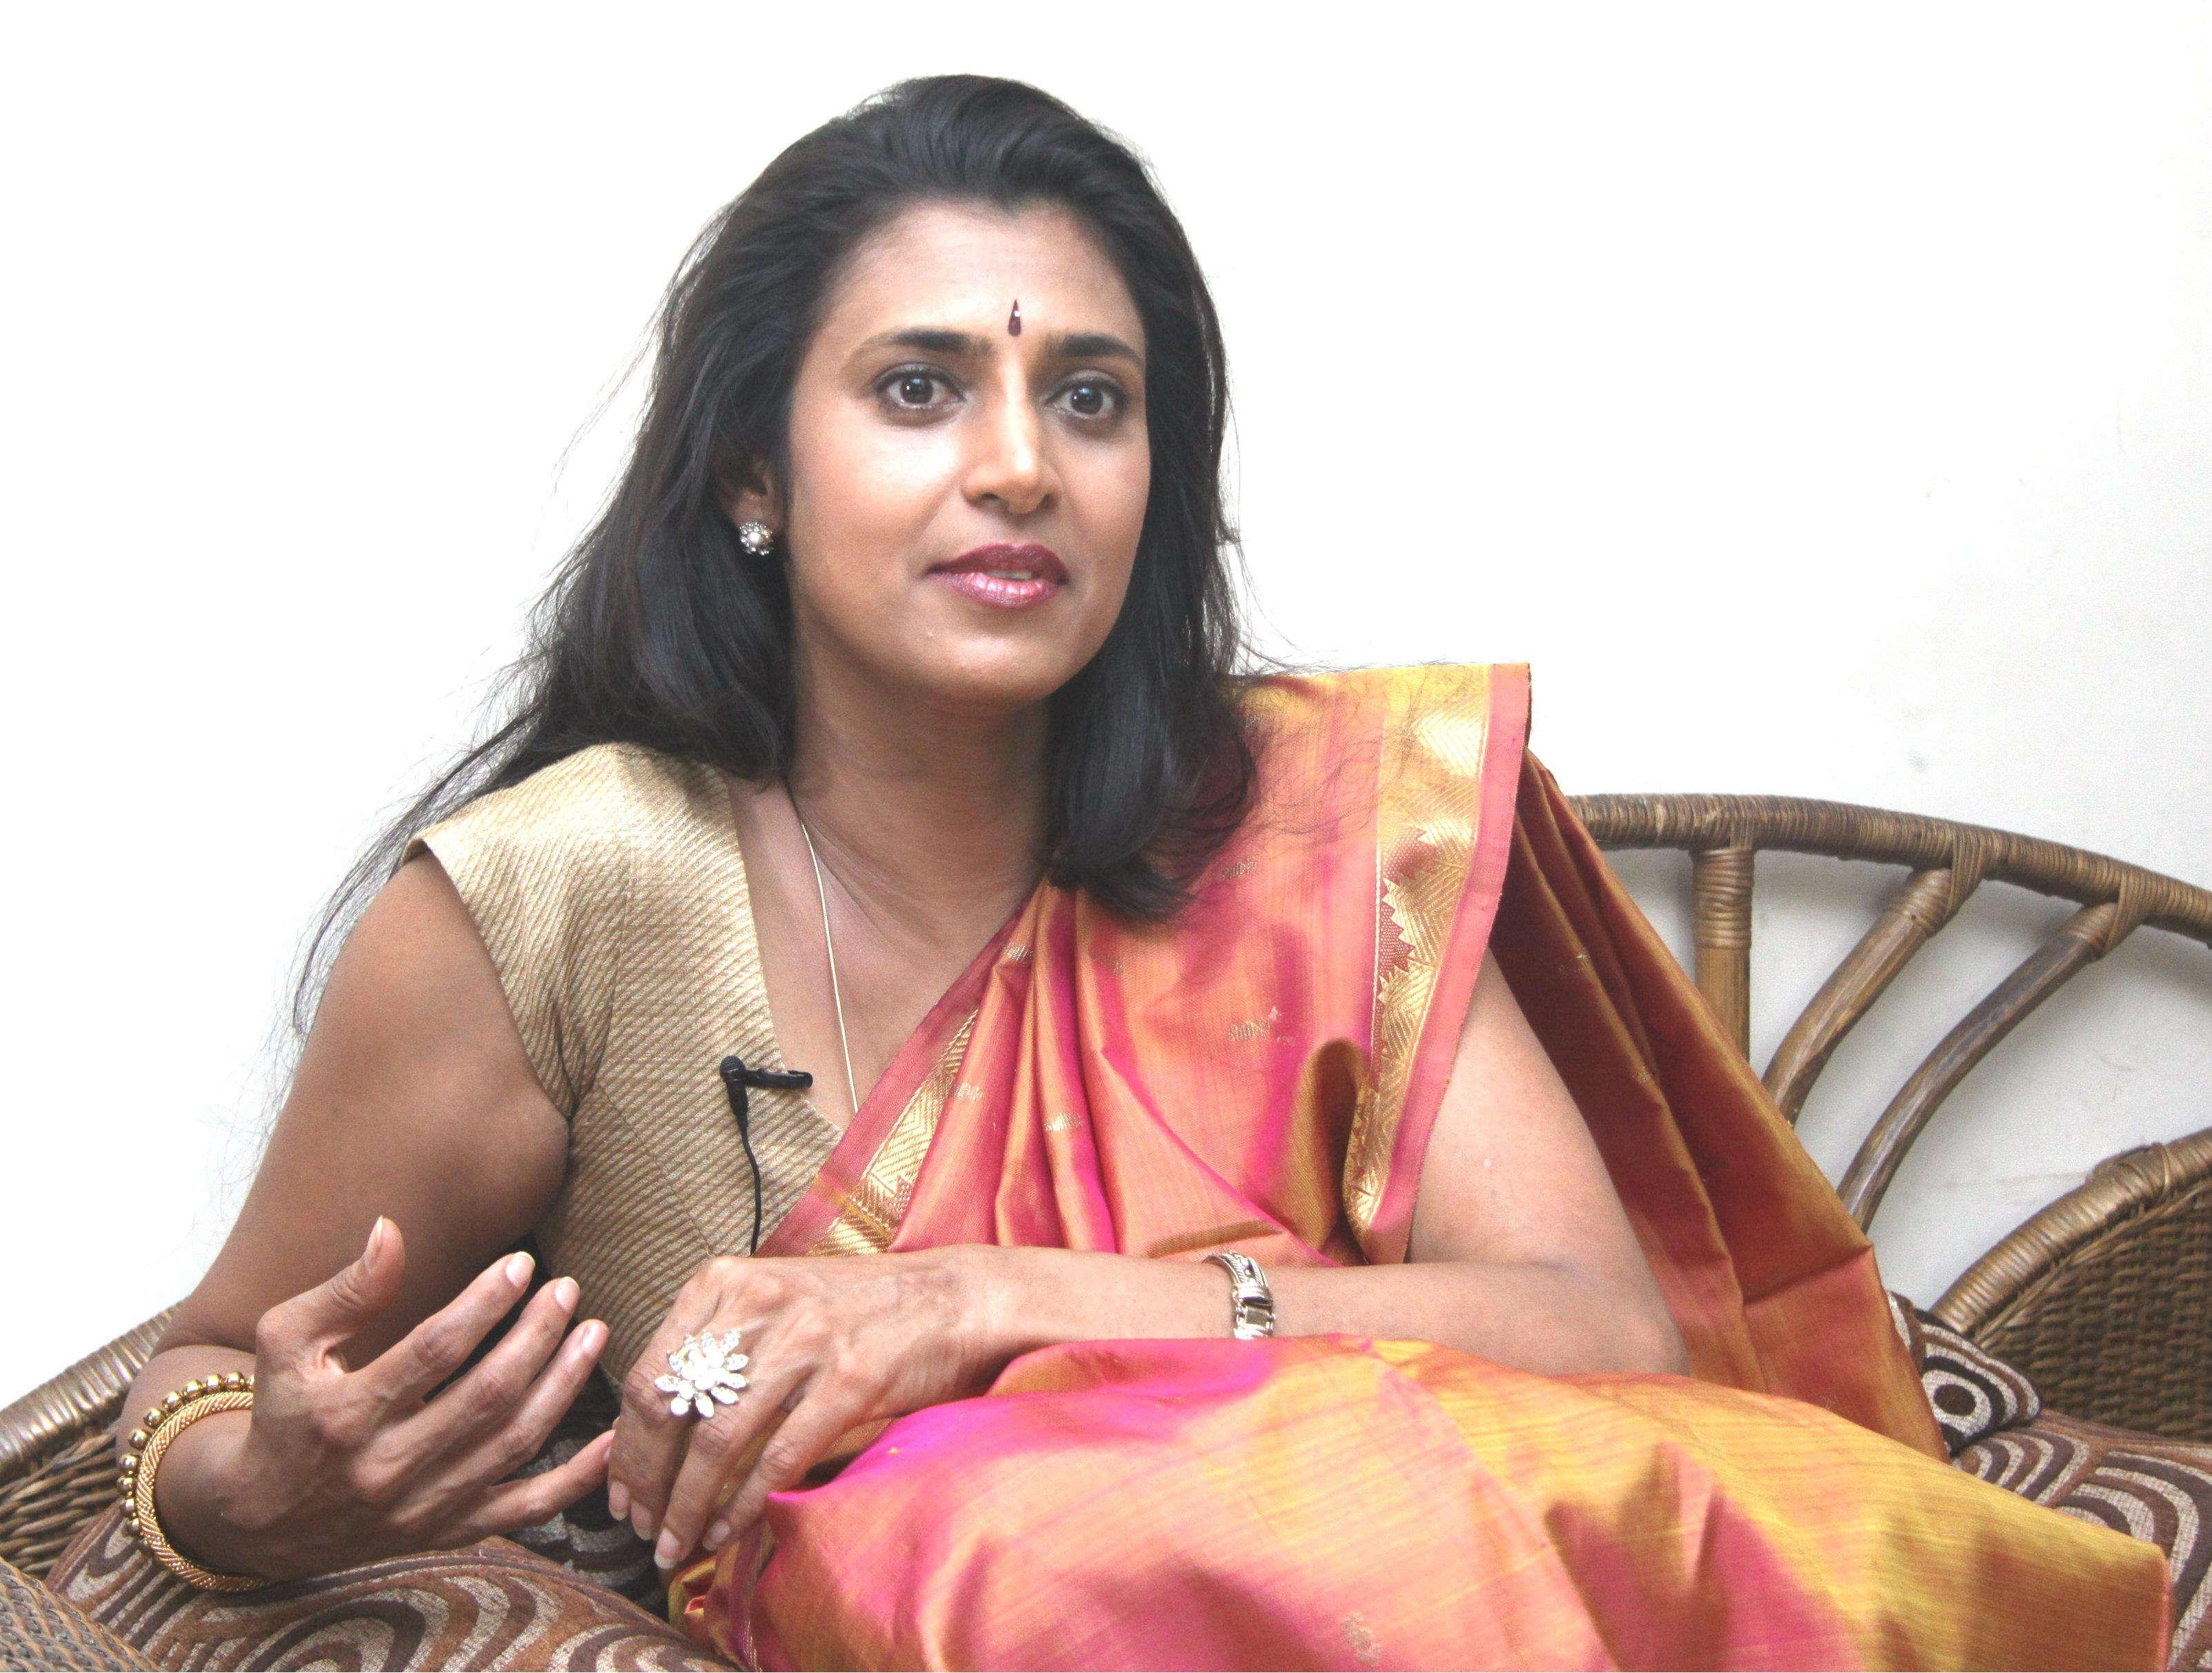 நடிகை கஸ்தூரி பேட்டி